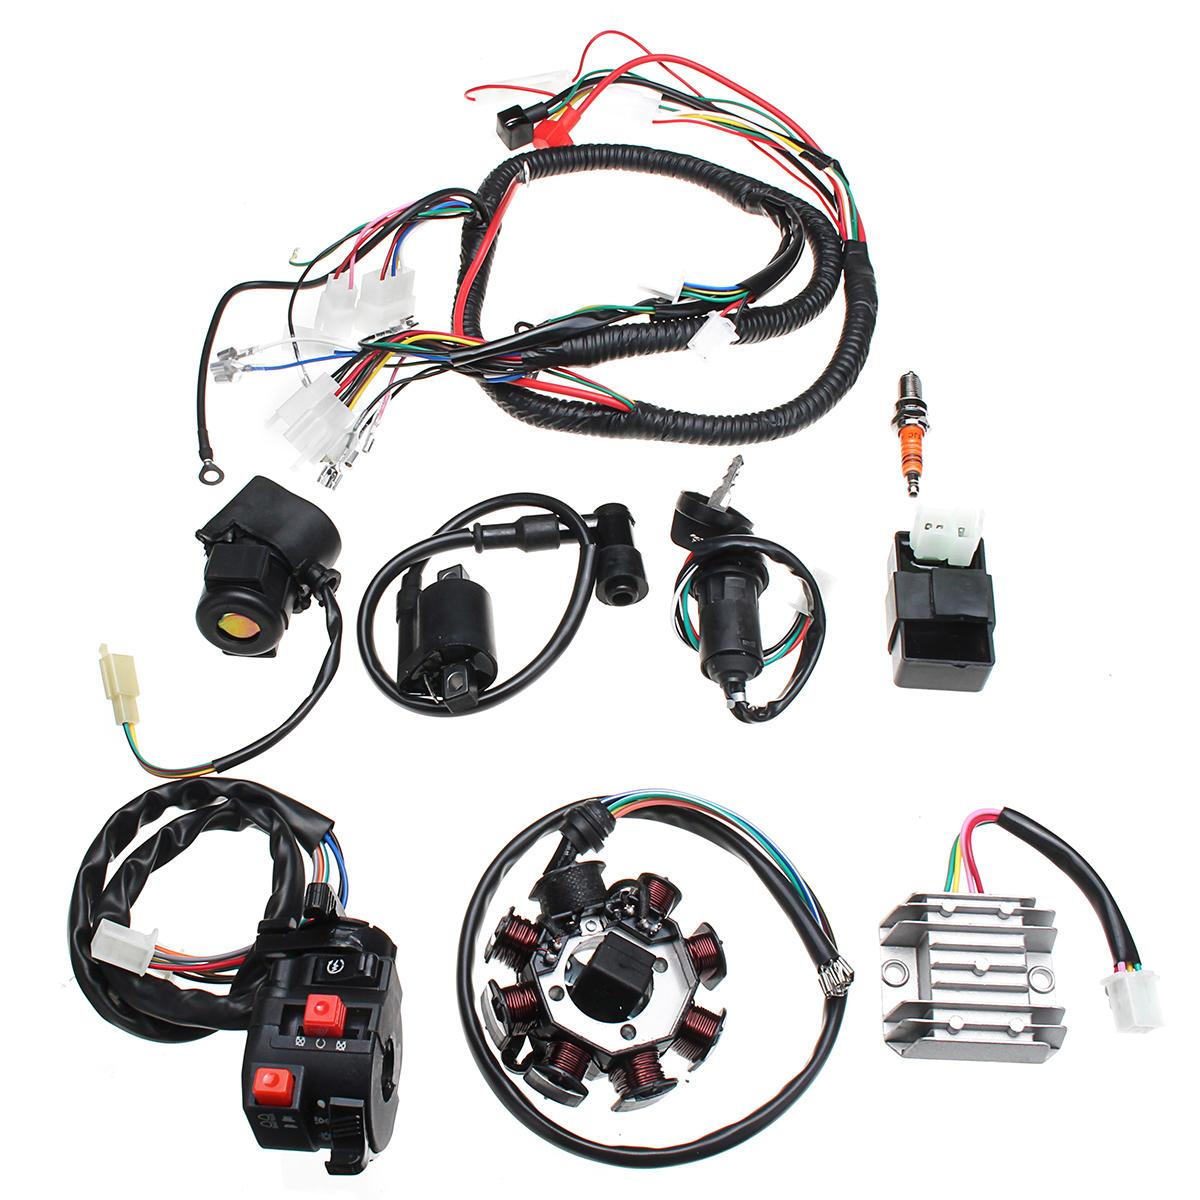 الأسلاك الكهربائية تسخير الأسلاك المنوال CDI موتور إمانويل مجموعة كاملة ل ATV QUAD 150/200 / 250CC